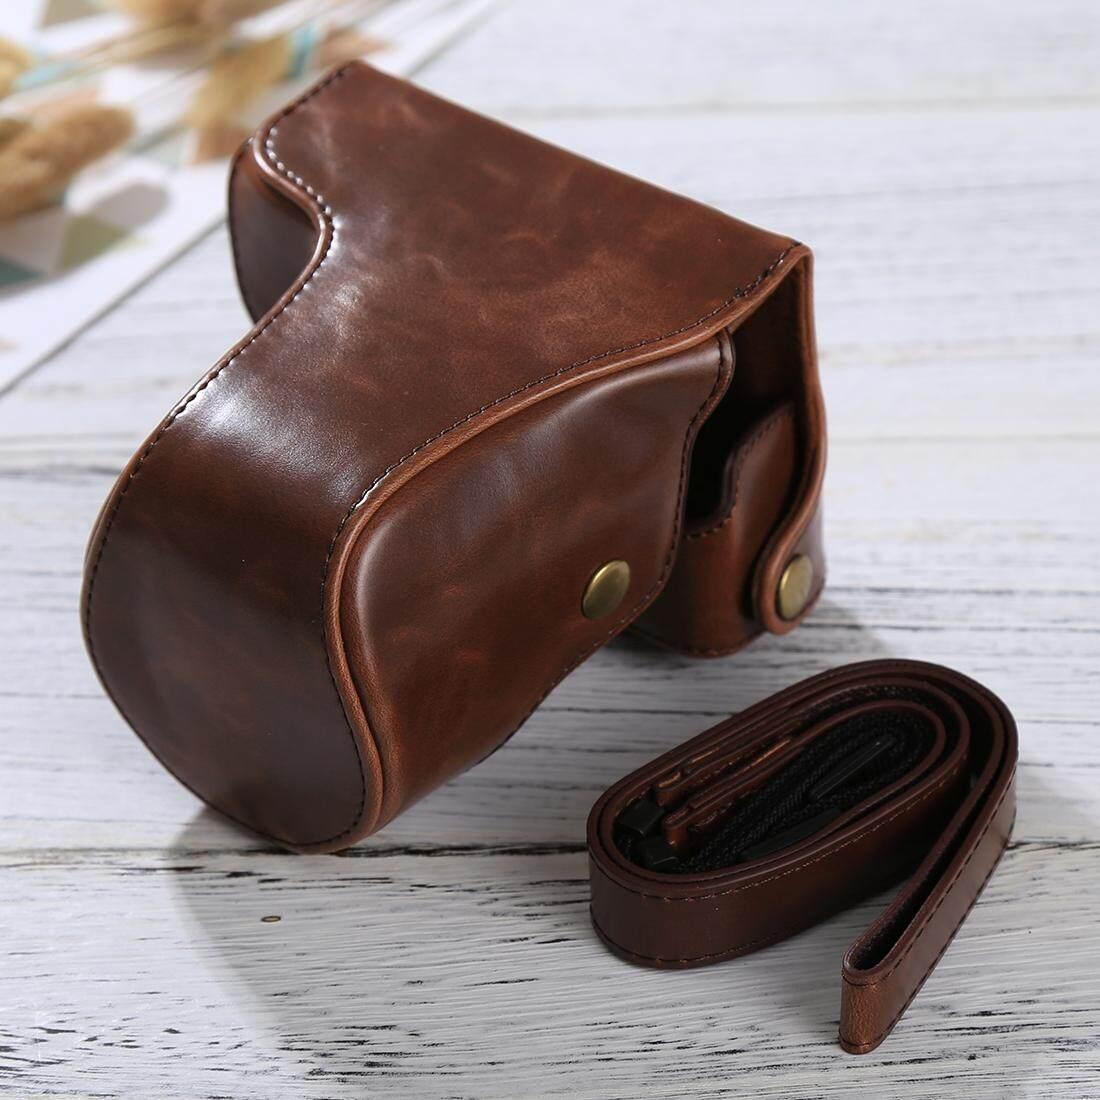 Penuh Kamera Badan PU Case Kulit Tas dengan Tali untuk Panasonic Lumix DMC-GF6 (Kopi)-Intl